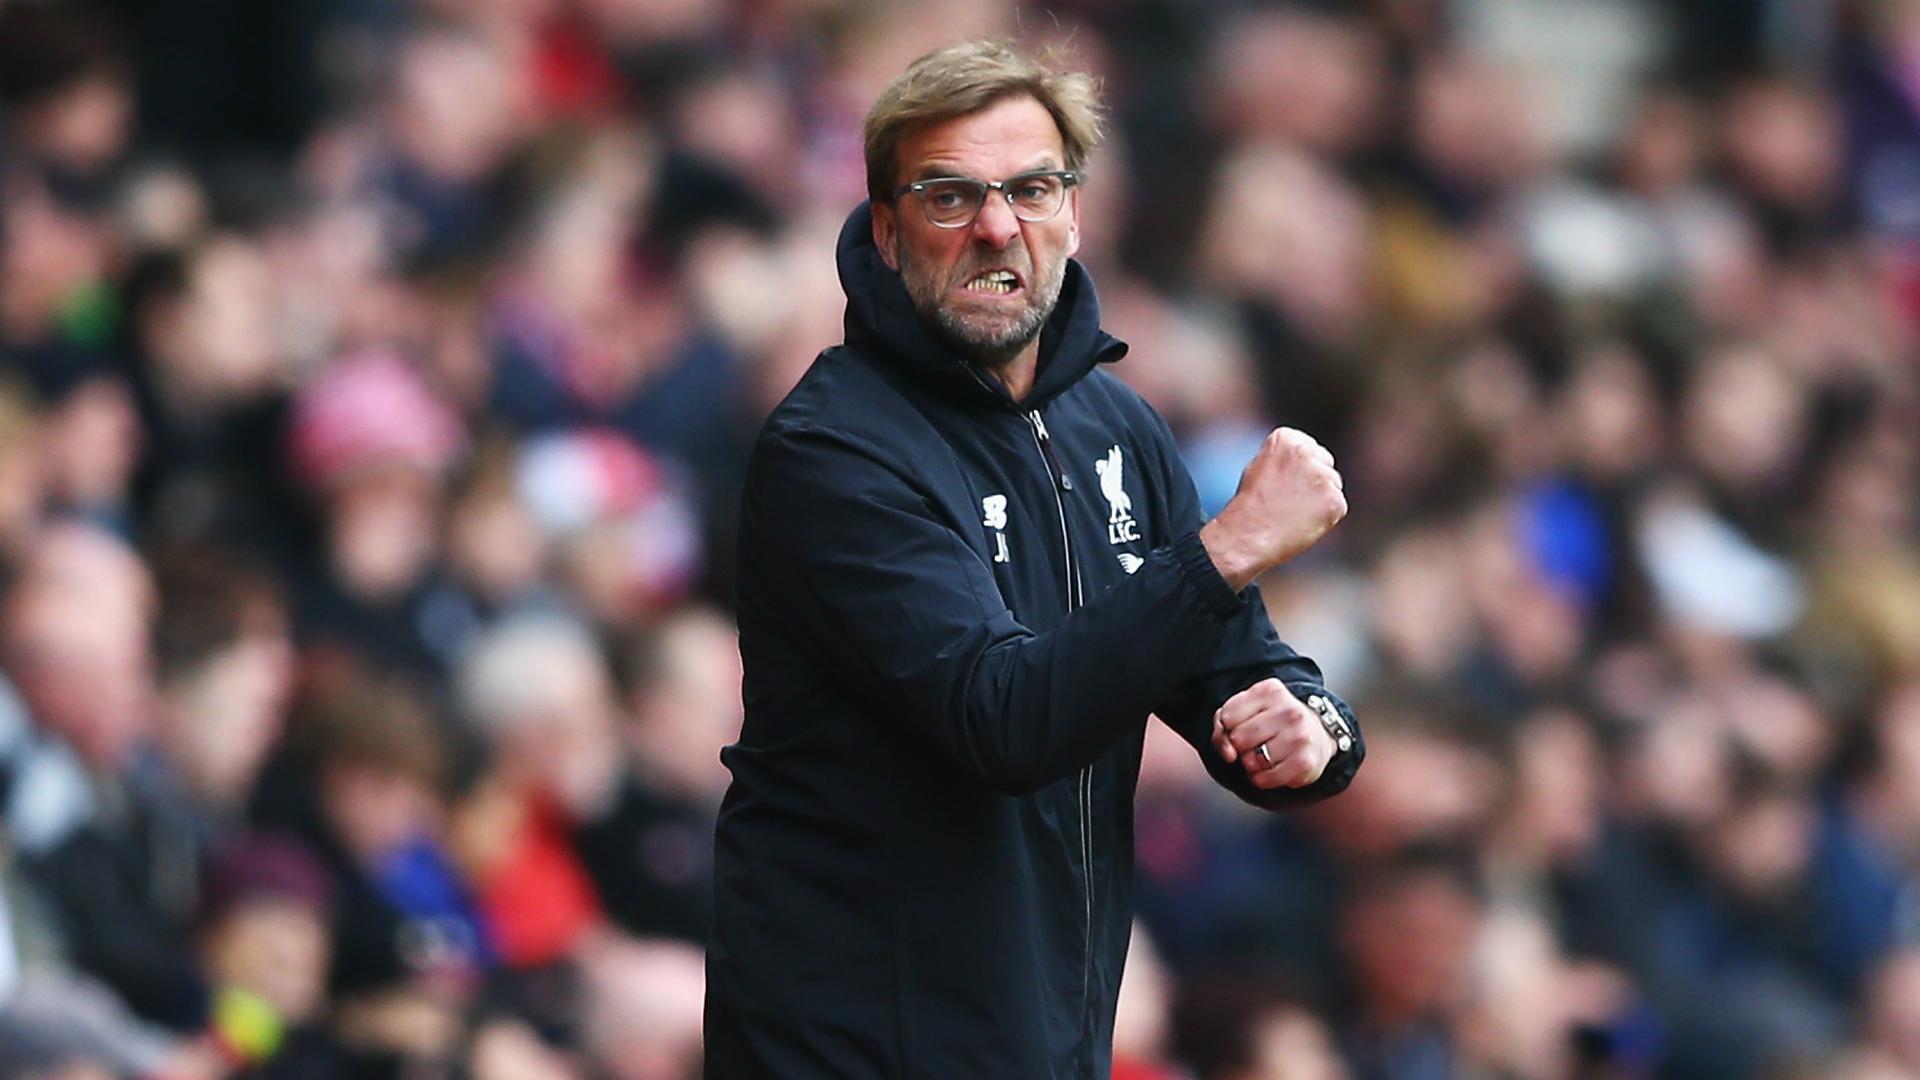 Investida do Liverpool por Gotze mostra que Jurgen Klopp é quem dá as cartas em Anfield